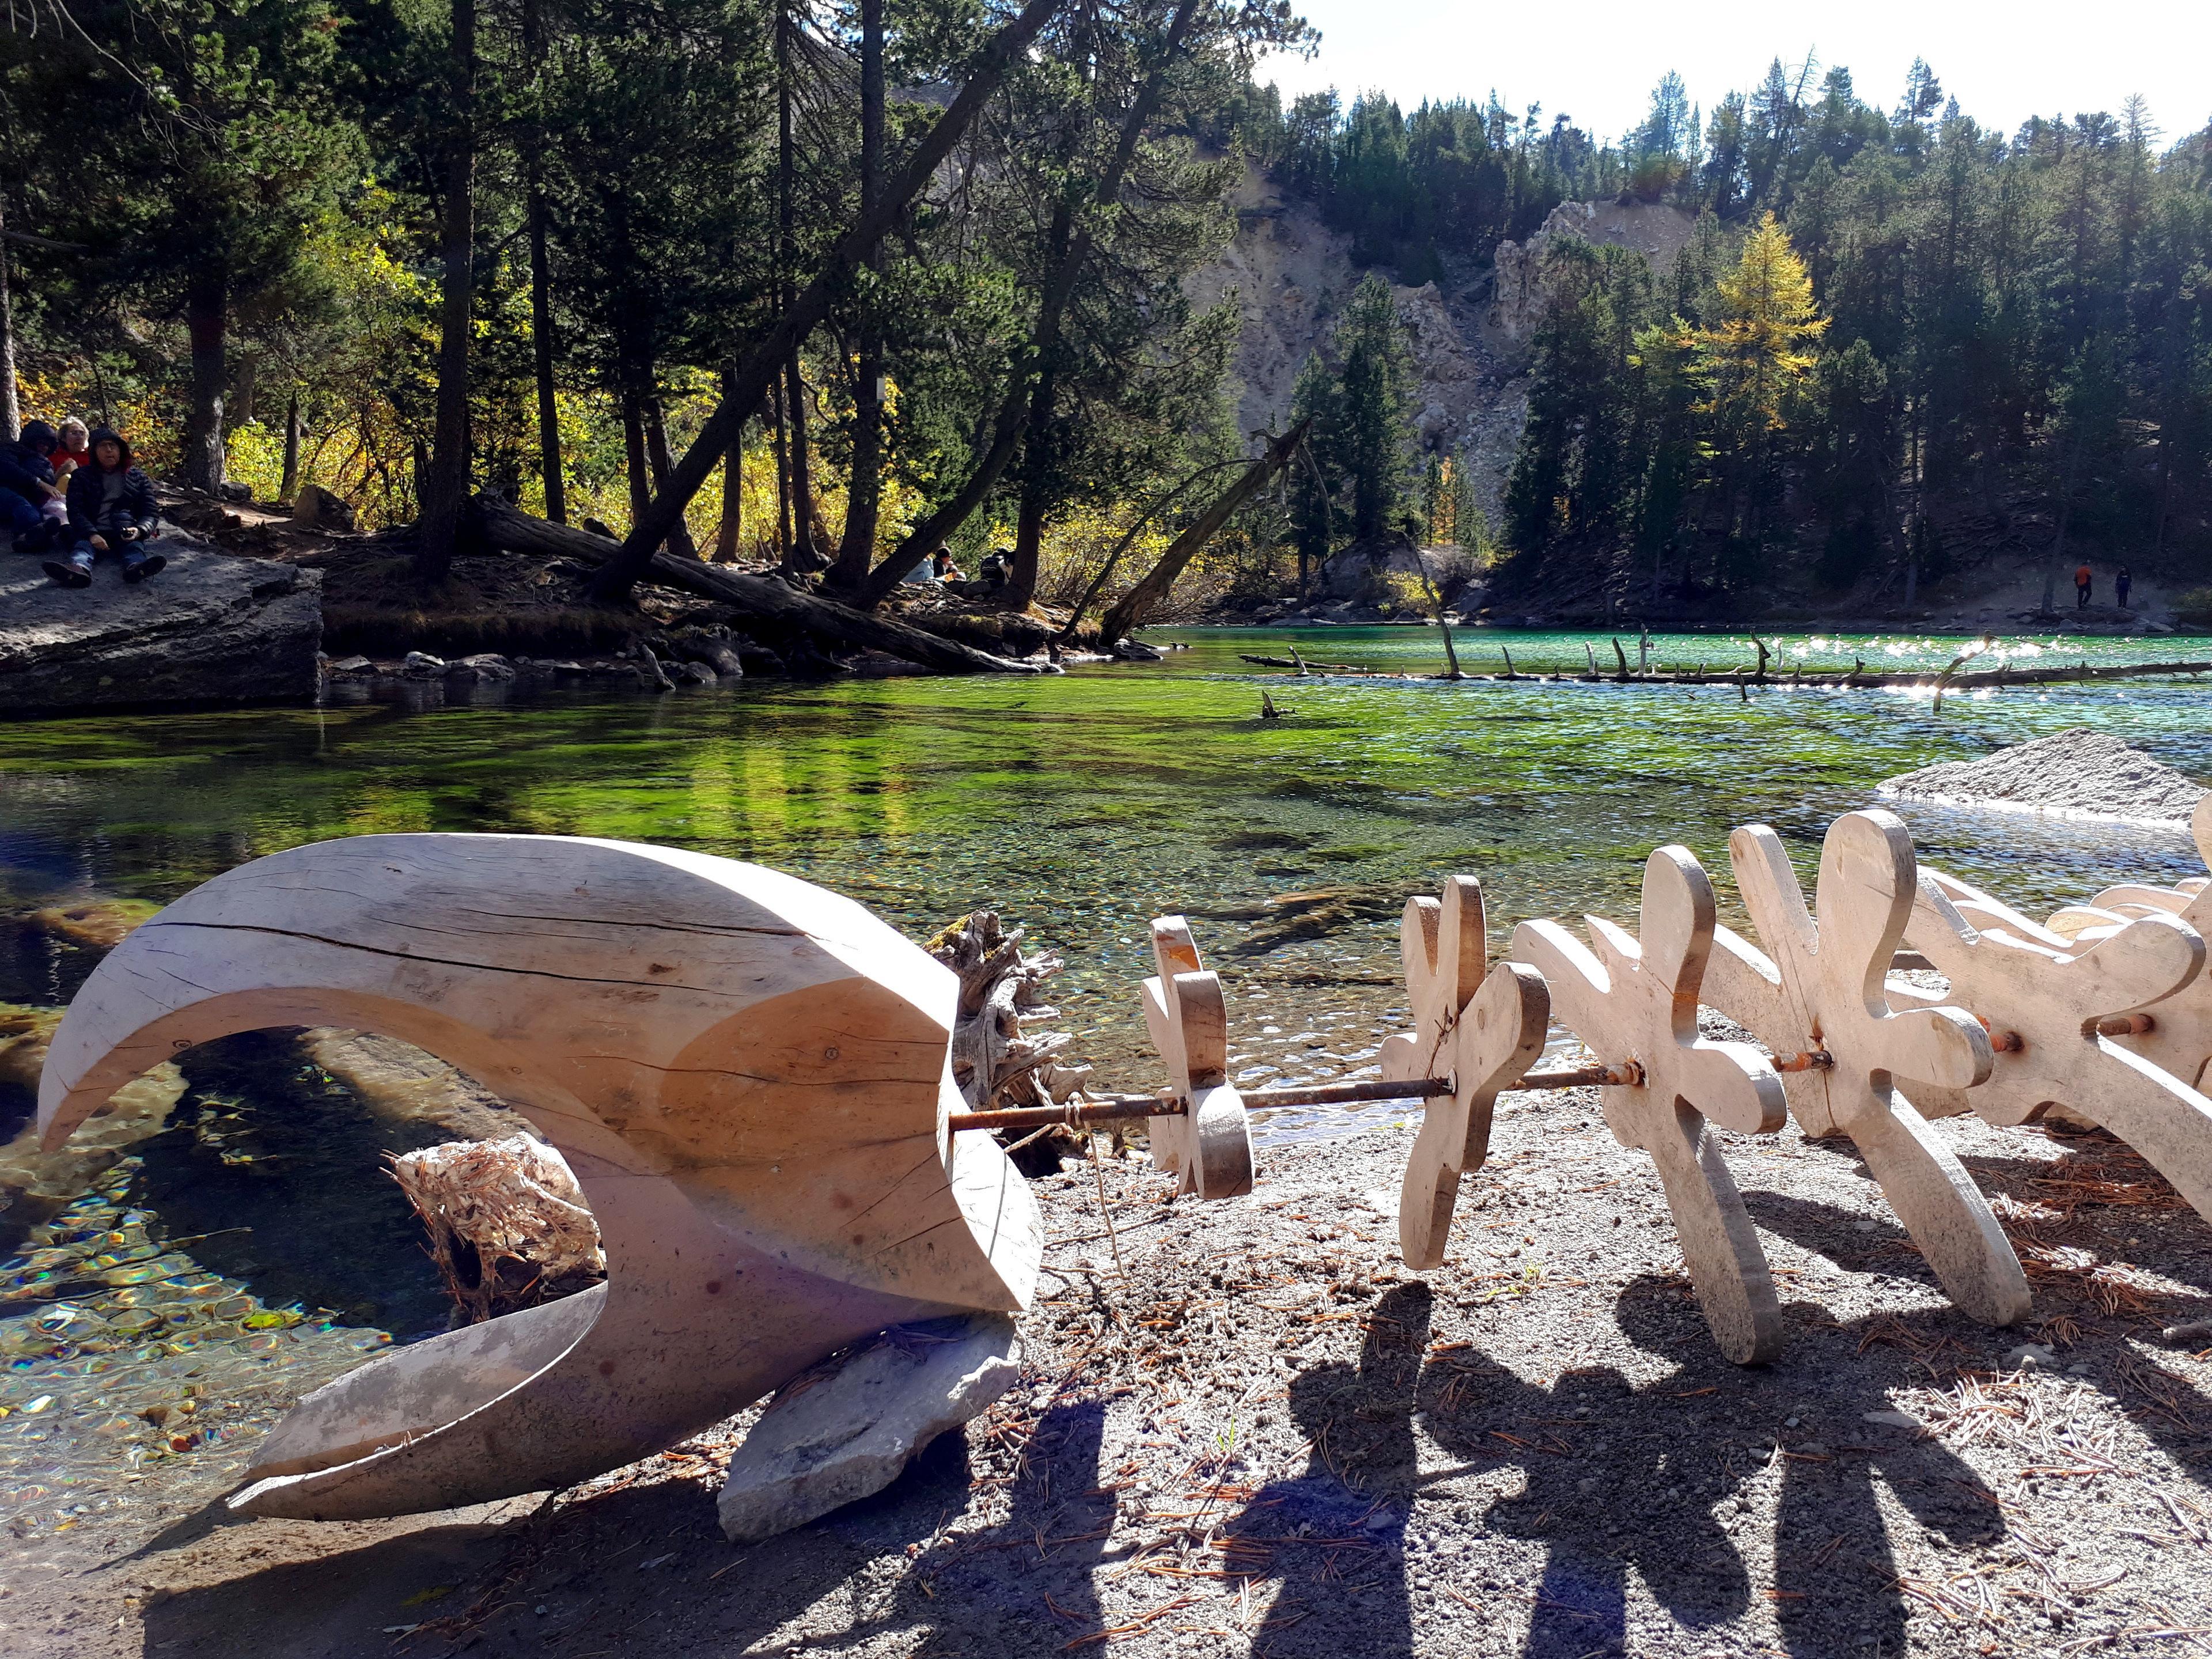 scorcio dello scheletro di balena, piccola scultura presente sulle rive del lago Verde